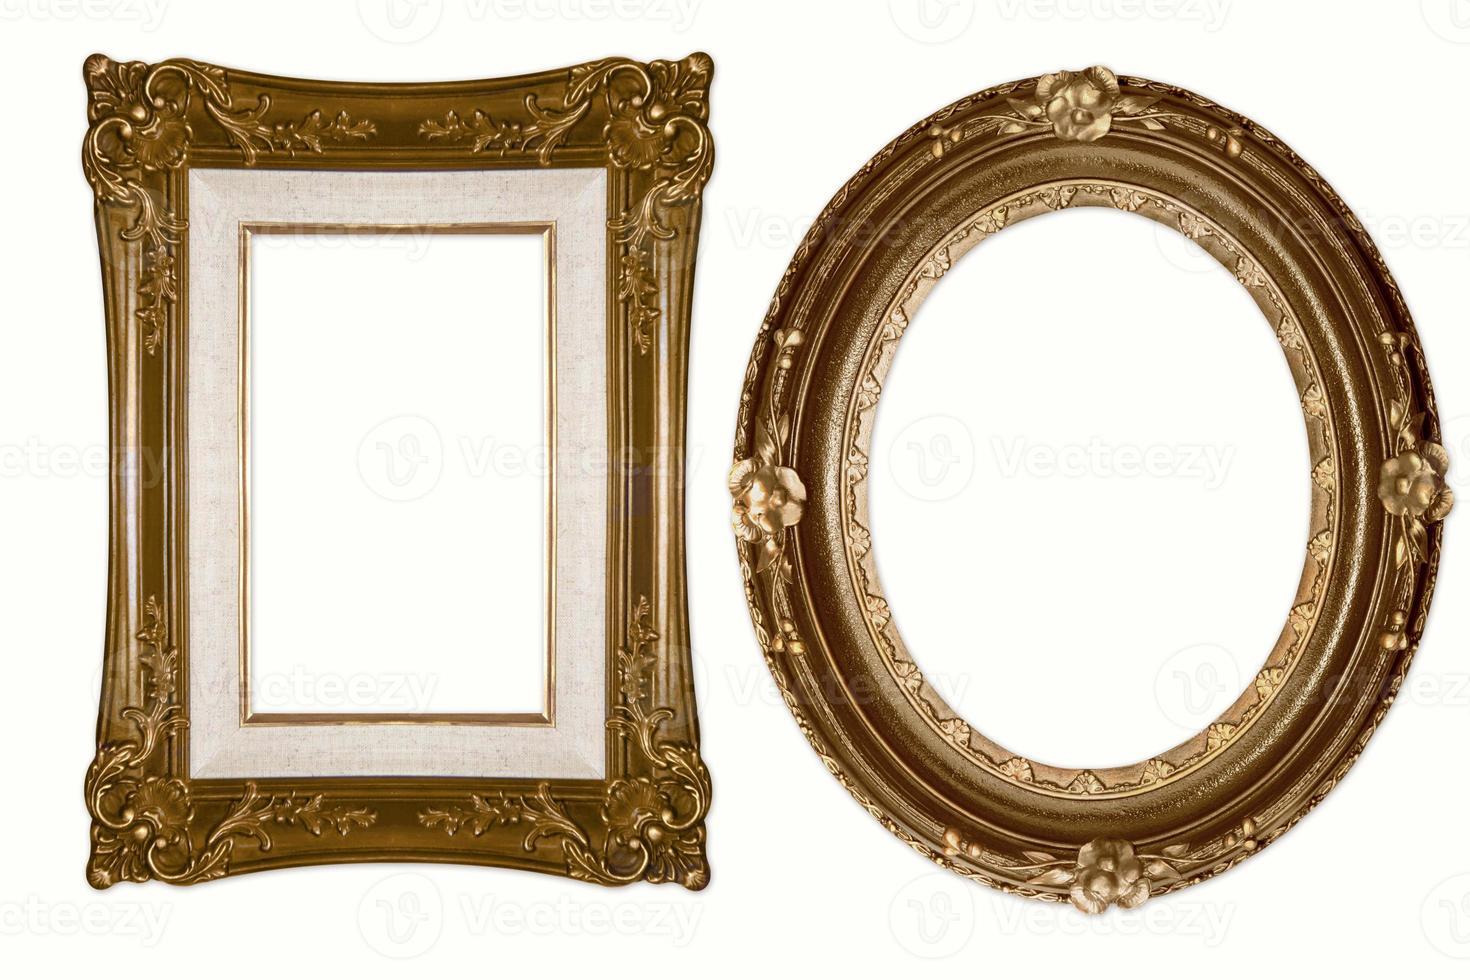 cadres dorés décoratifs ovales et rectangulaires photo